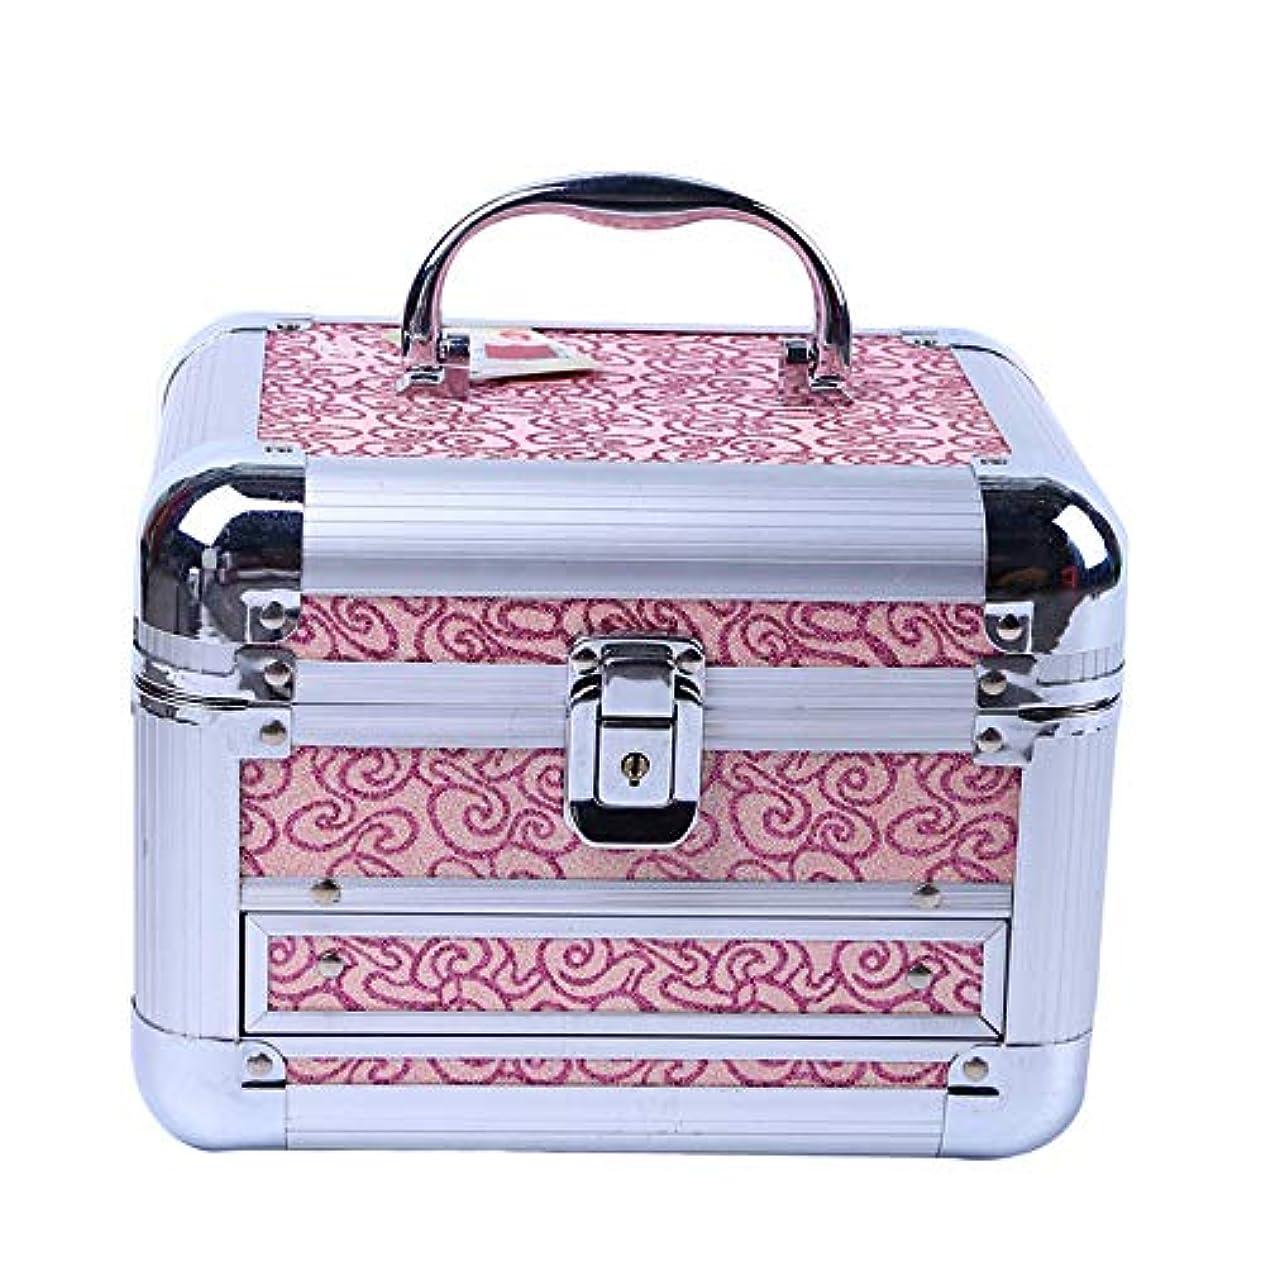 資源インゲン声を出して化粧オーガナイザーバッグ 美容メイクアップのための大容量ポータブル化粧ケース、女子女性のための化粧鏡と折り畳みトレイと旅行と毎日のストレージ 化粧品ケース